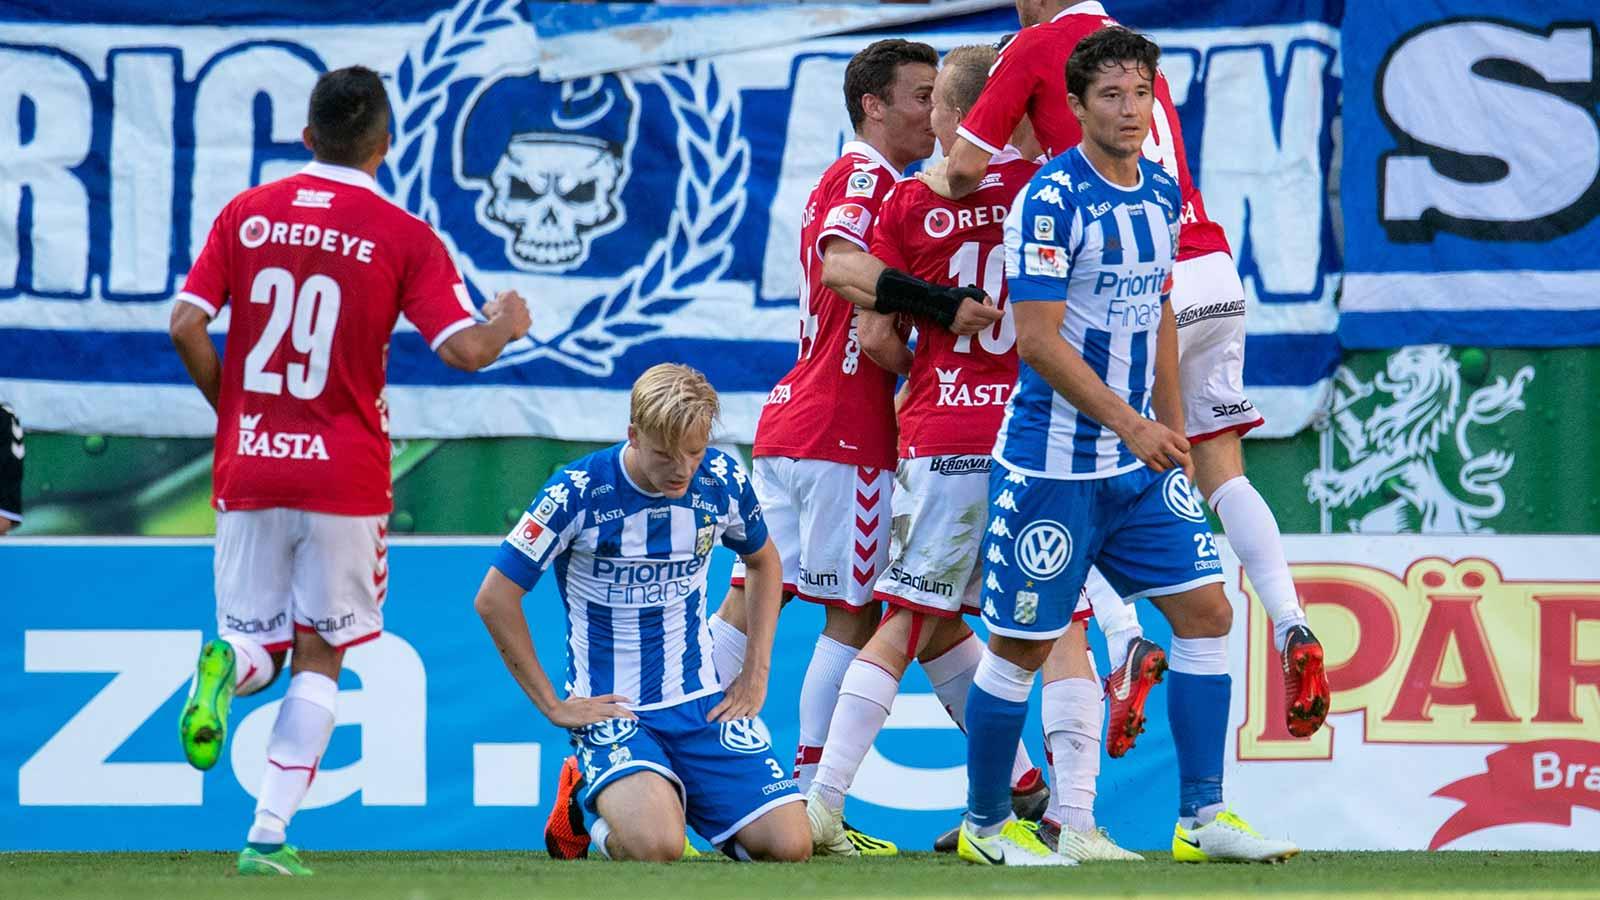 180804 Kalmars Erton Fejzullahu jublar med lagkamrater efter 2-1 och IFK Göteborg deppar under fotbollsmatchen i Allsvenskan mellan Kalmar och IFK Göteborg den 4 augusti 2018 i Kalmar.